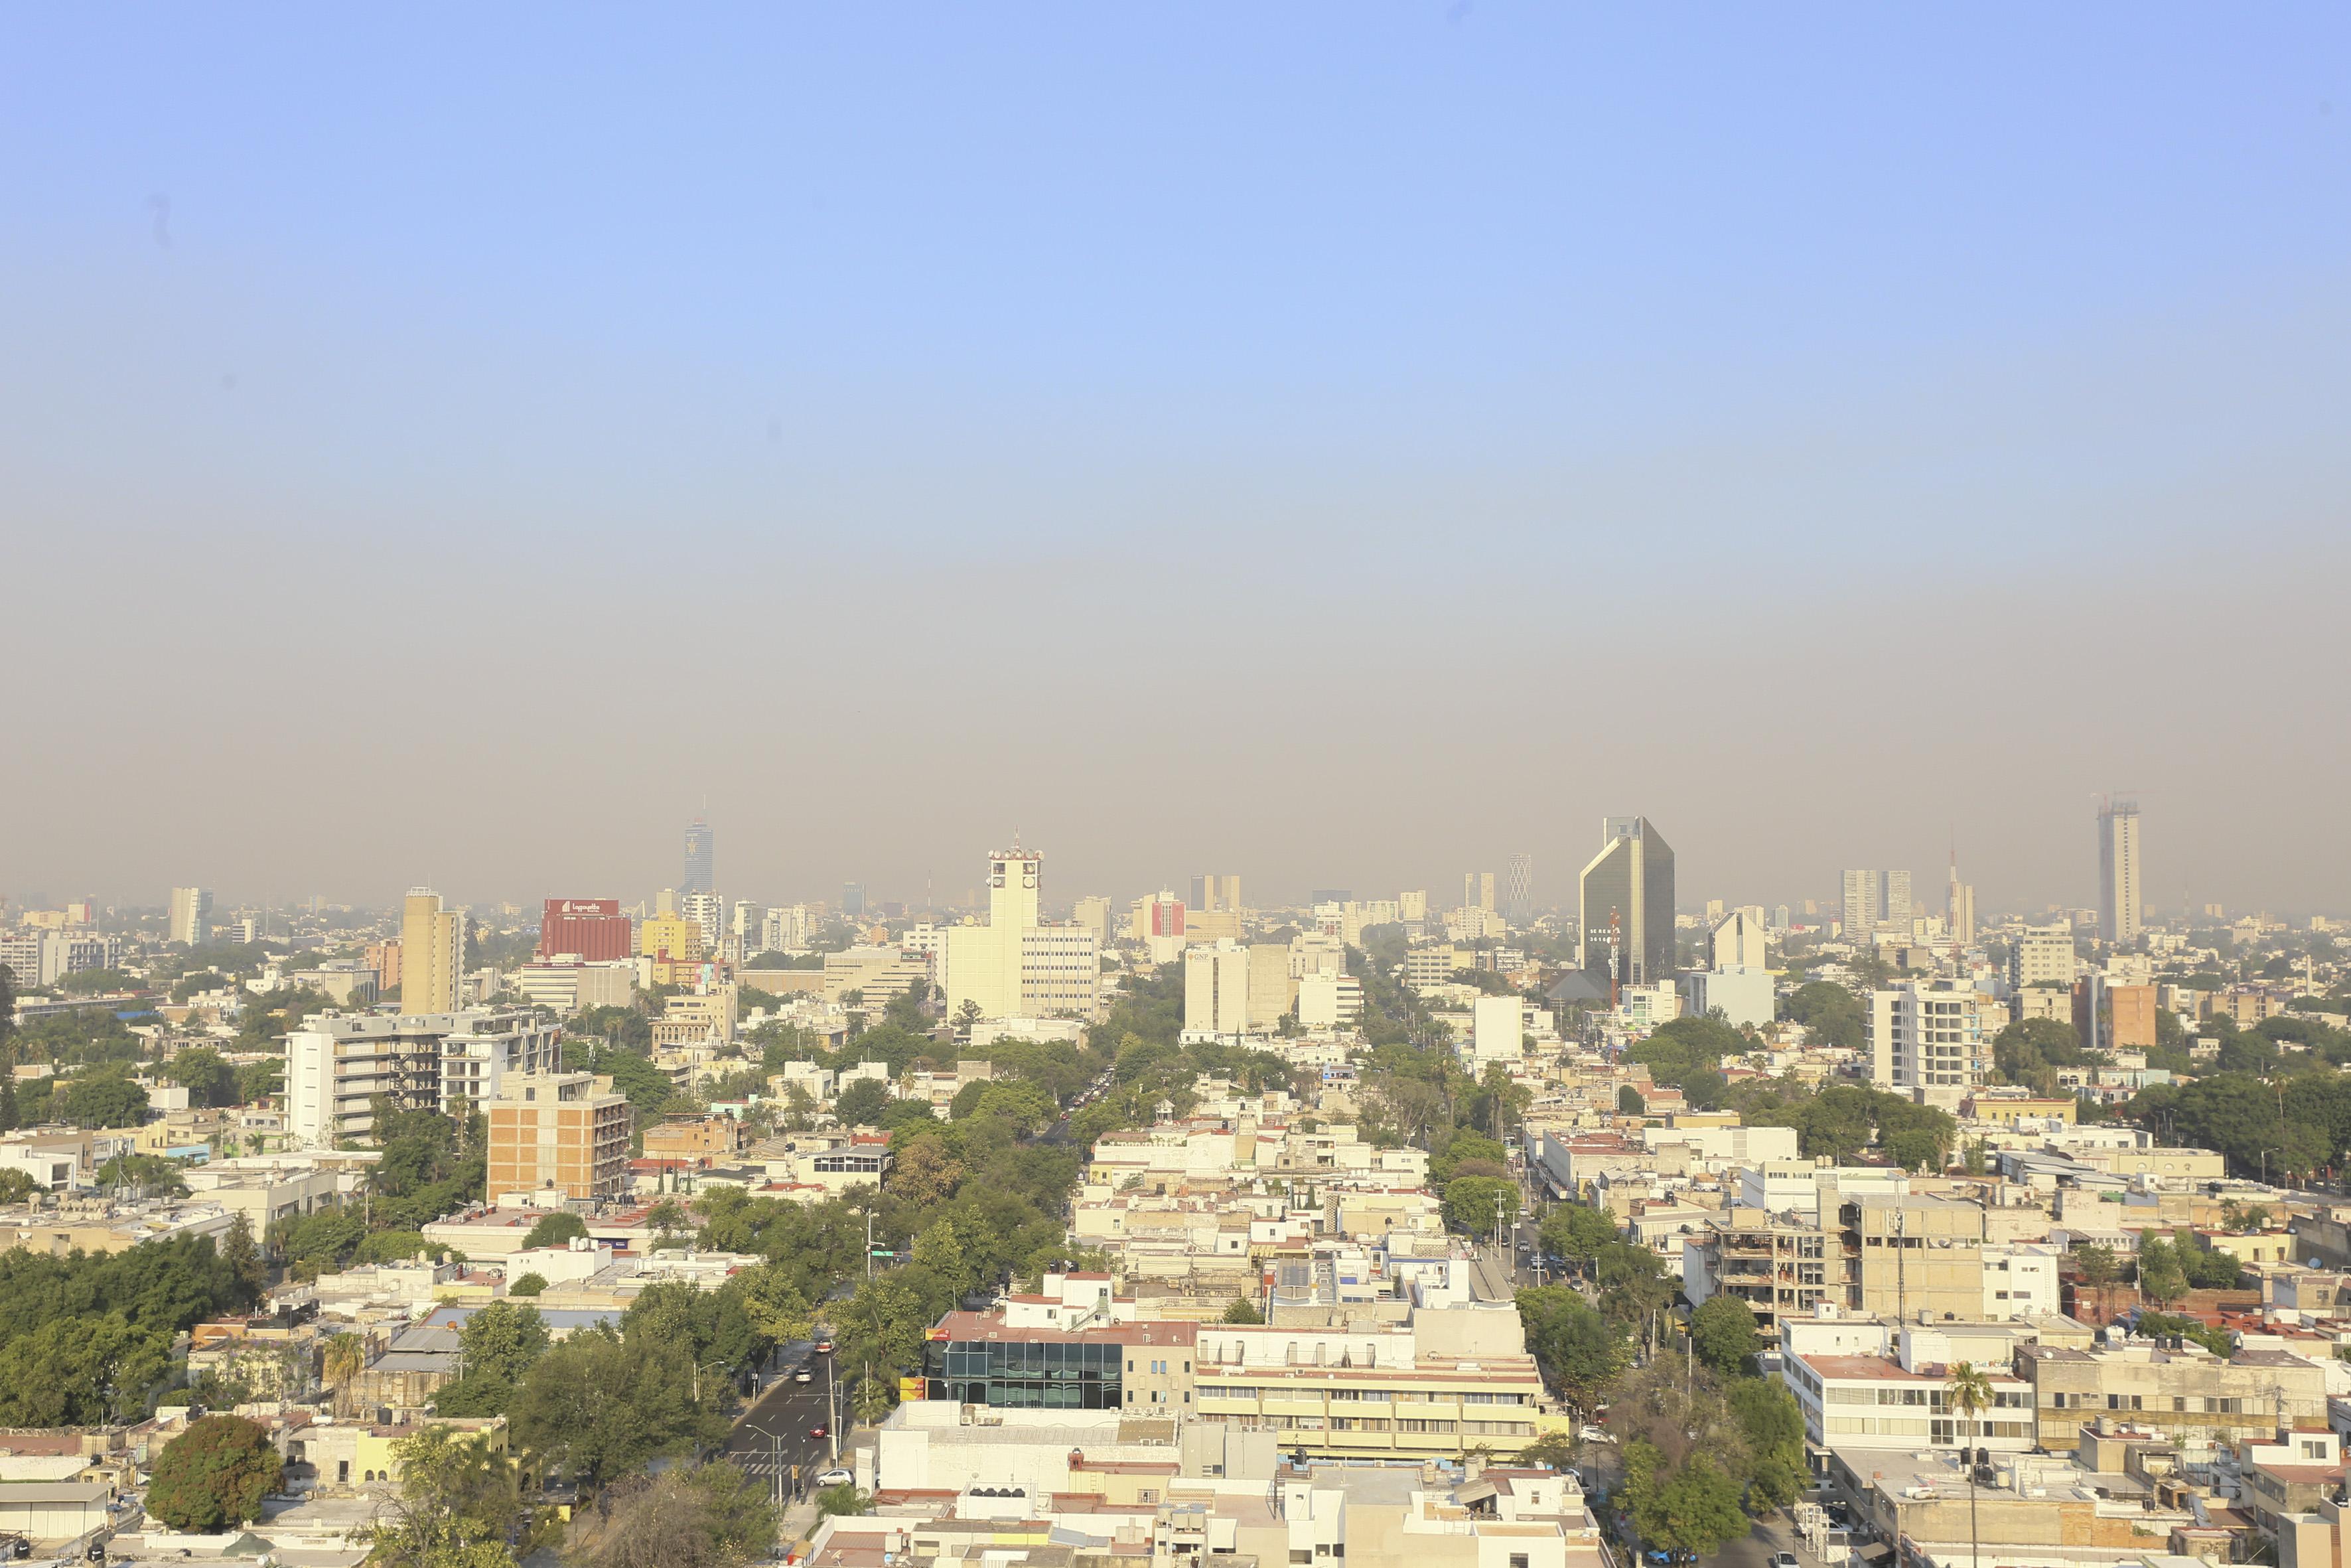 Vista panorámica de los cielos de Guadalajara, hacia la zona poniente.